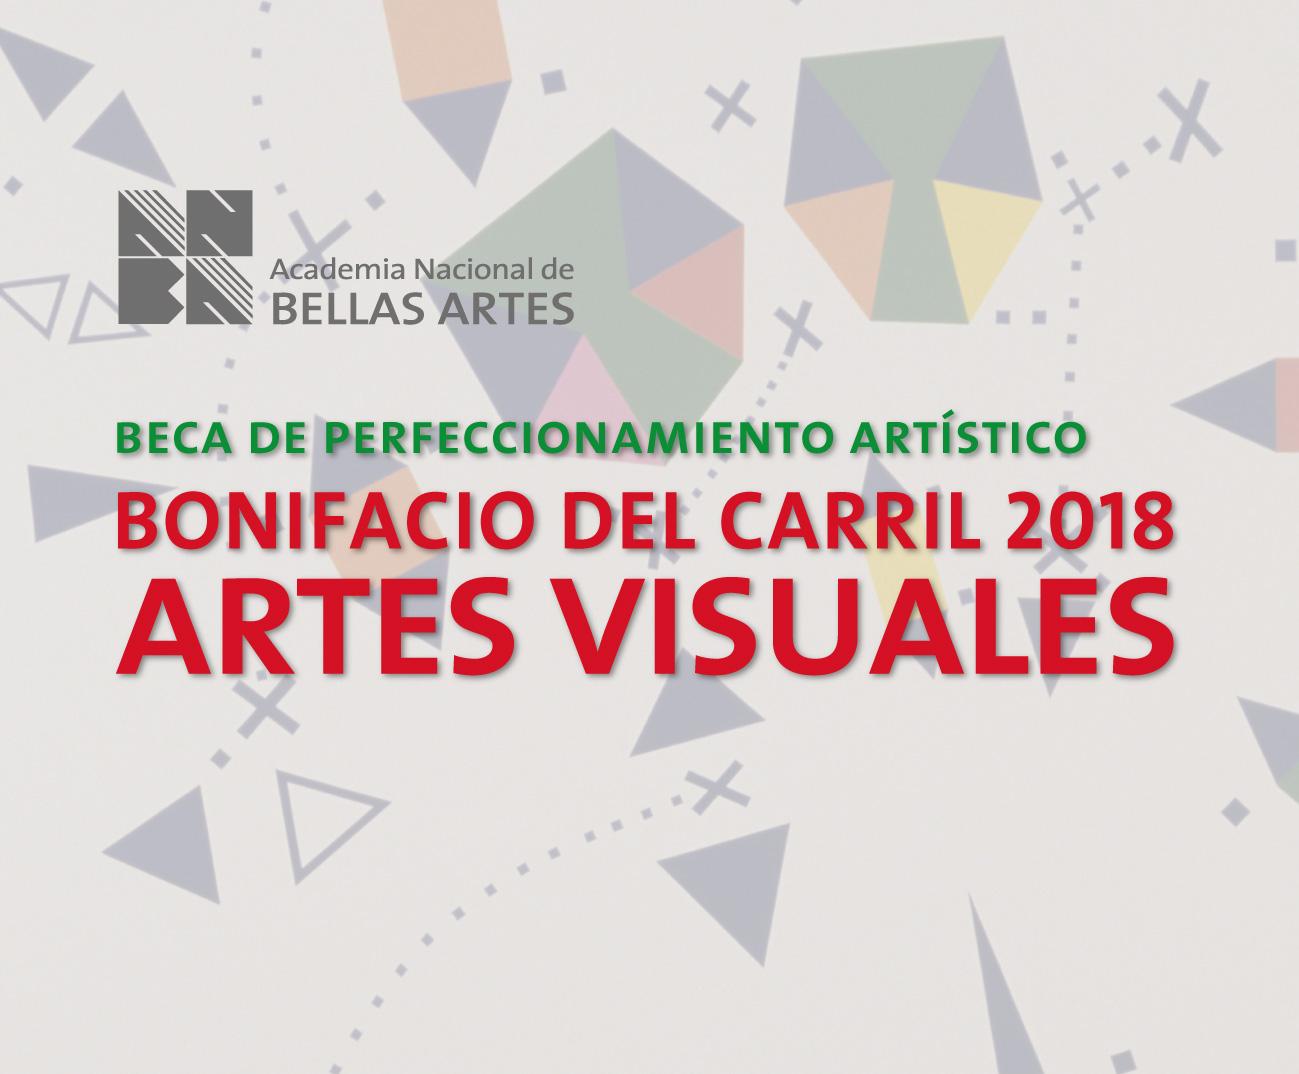 Beca Bonifacio del Carril 2018 | ANBA